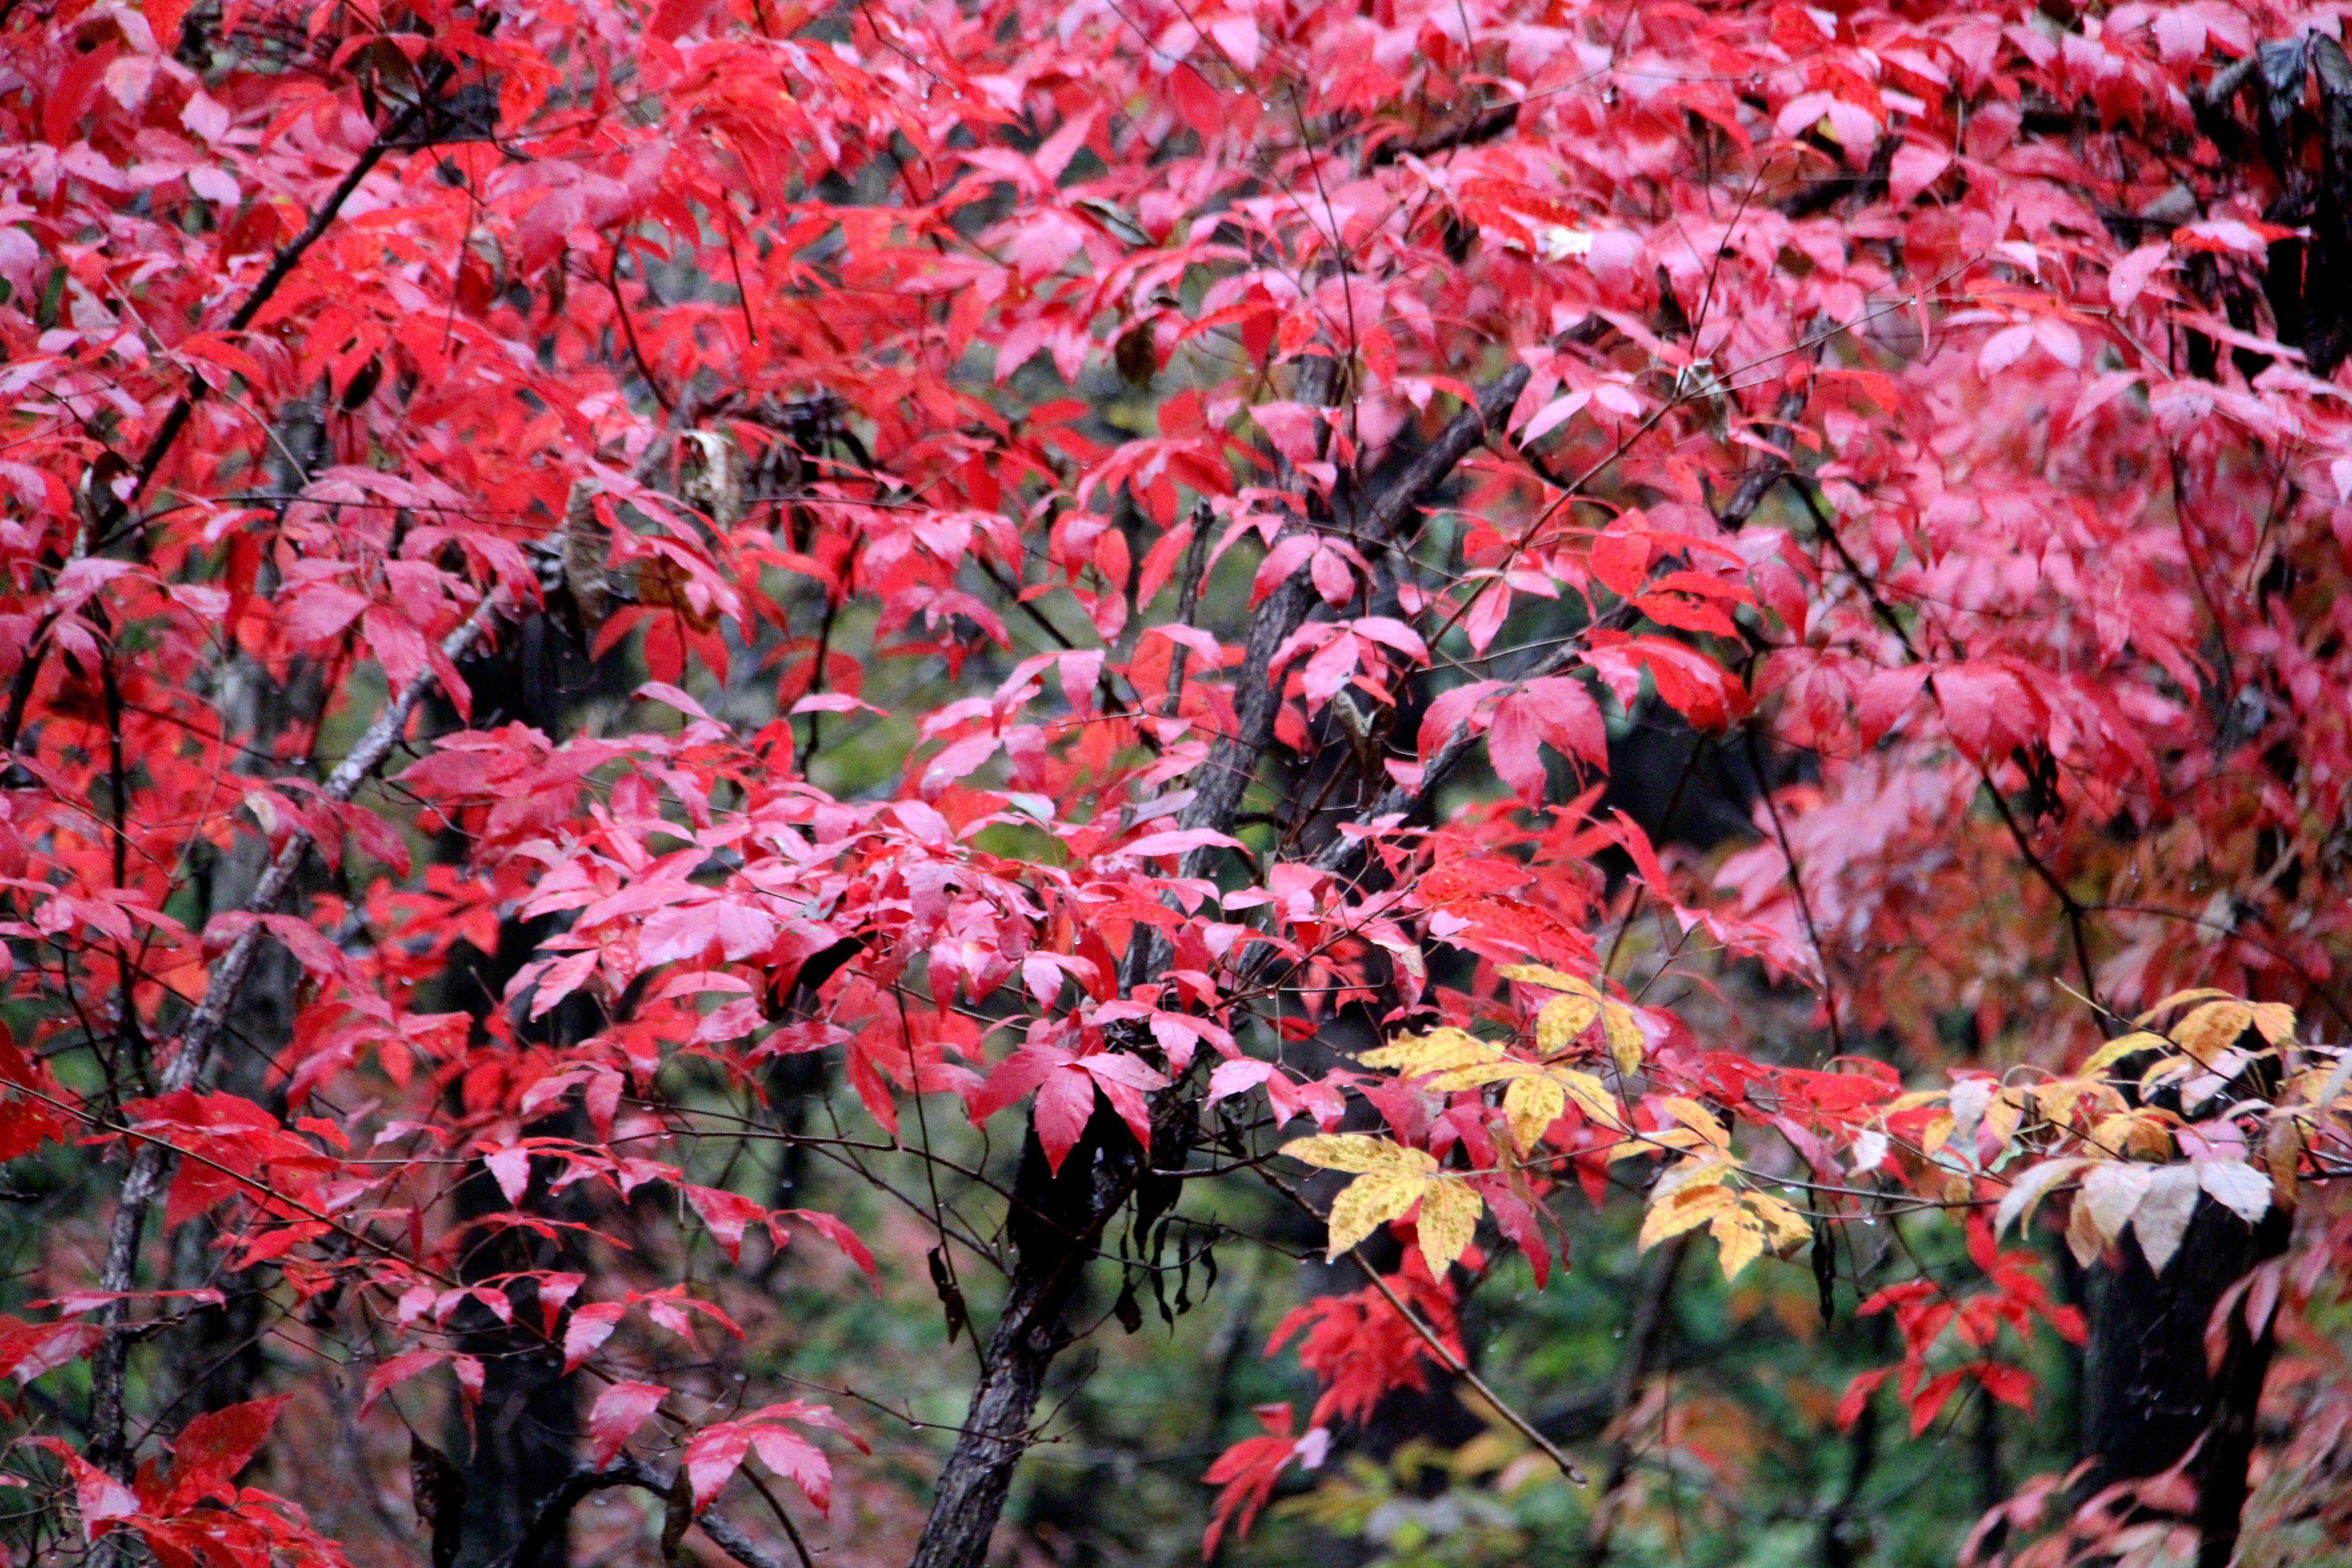 秋天的红叶-舒兰戏叶谷##雨中红叶谷##红叶翩翩舞秋风